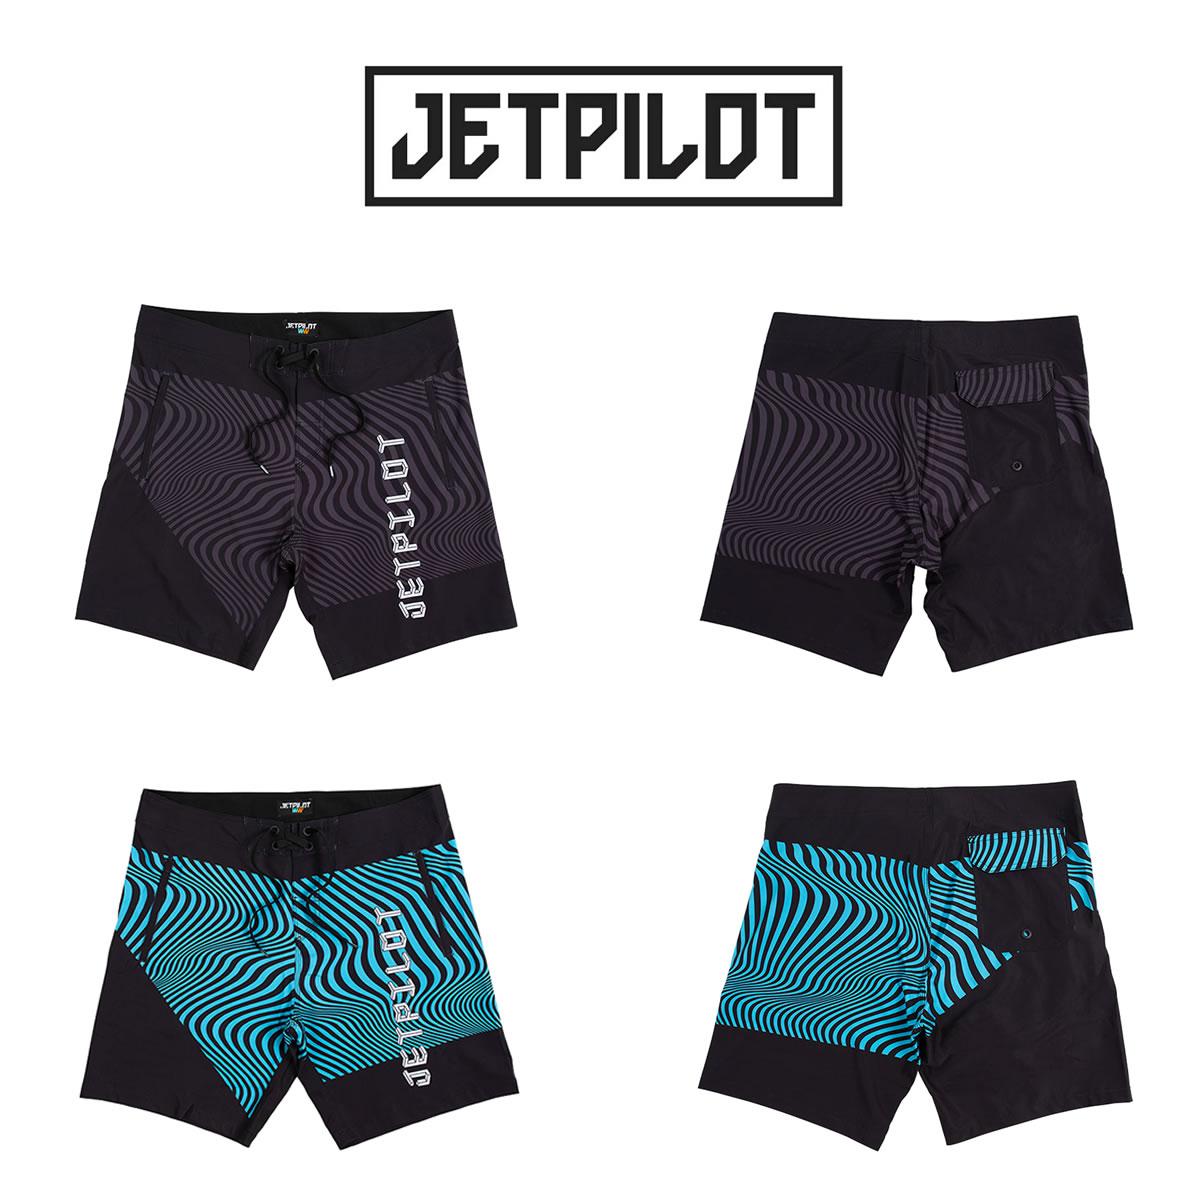 JETPILOT(ジェットパイロット)ボードショーツ RE ENGINEERED (S21903)レターパックライト対応